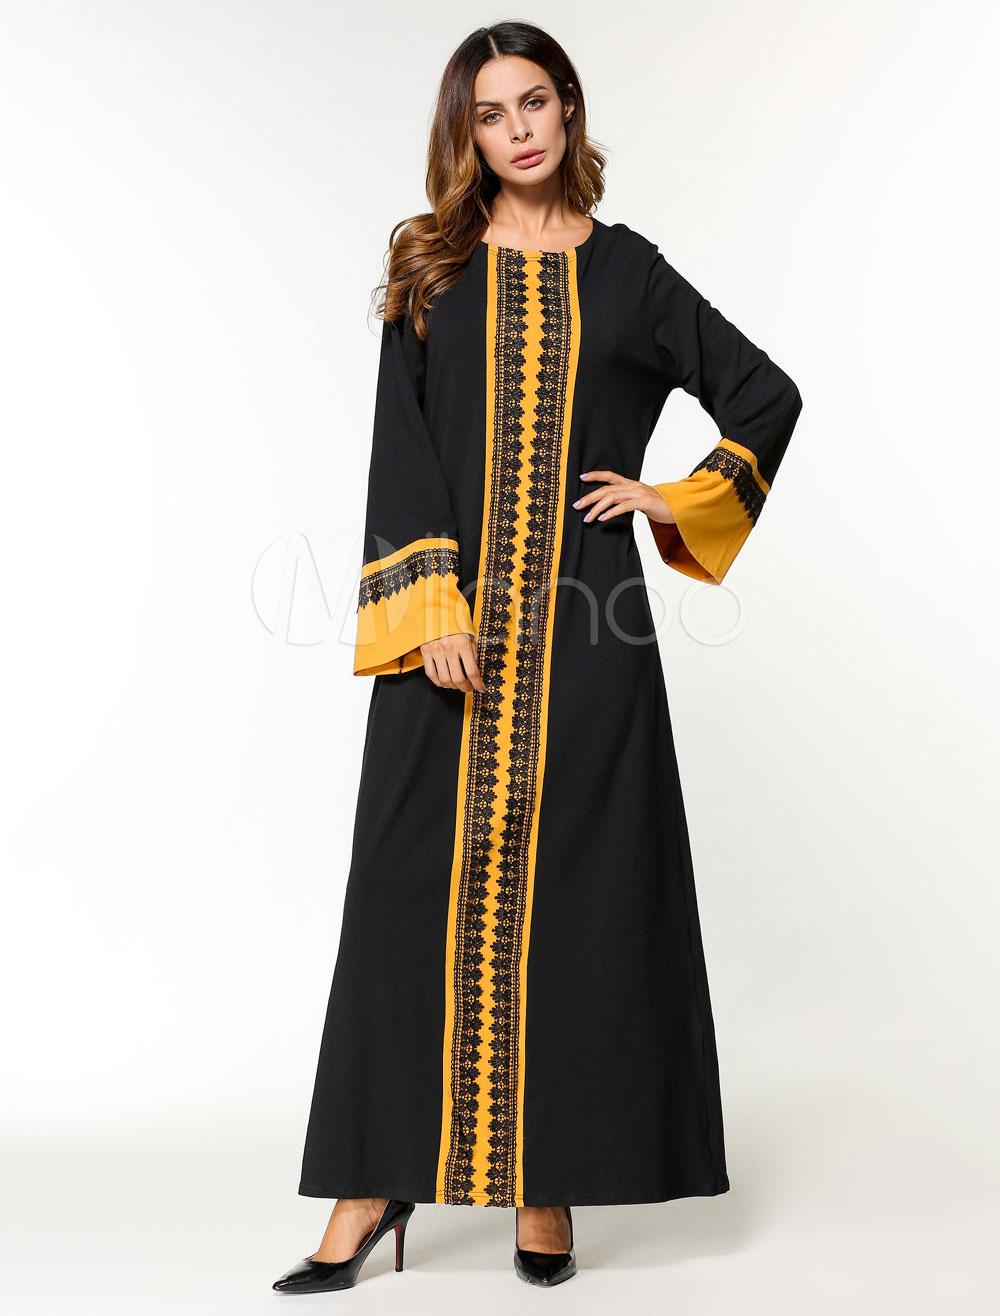 Black Abaya Dress Muslim Long Sleeve Two Tone Oversized Maxi Dress (Women\\'s Clothing Arabian Clothing) photo